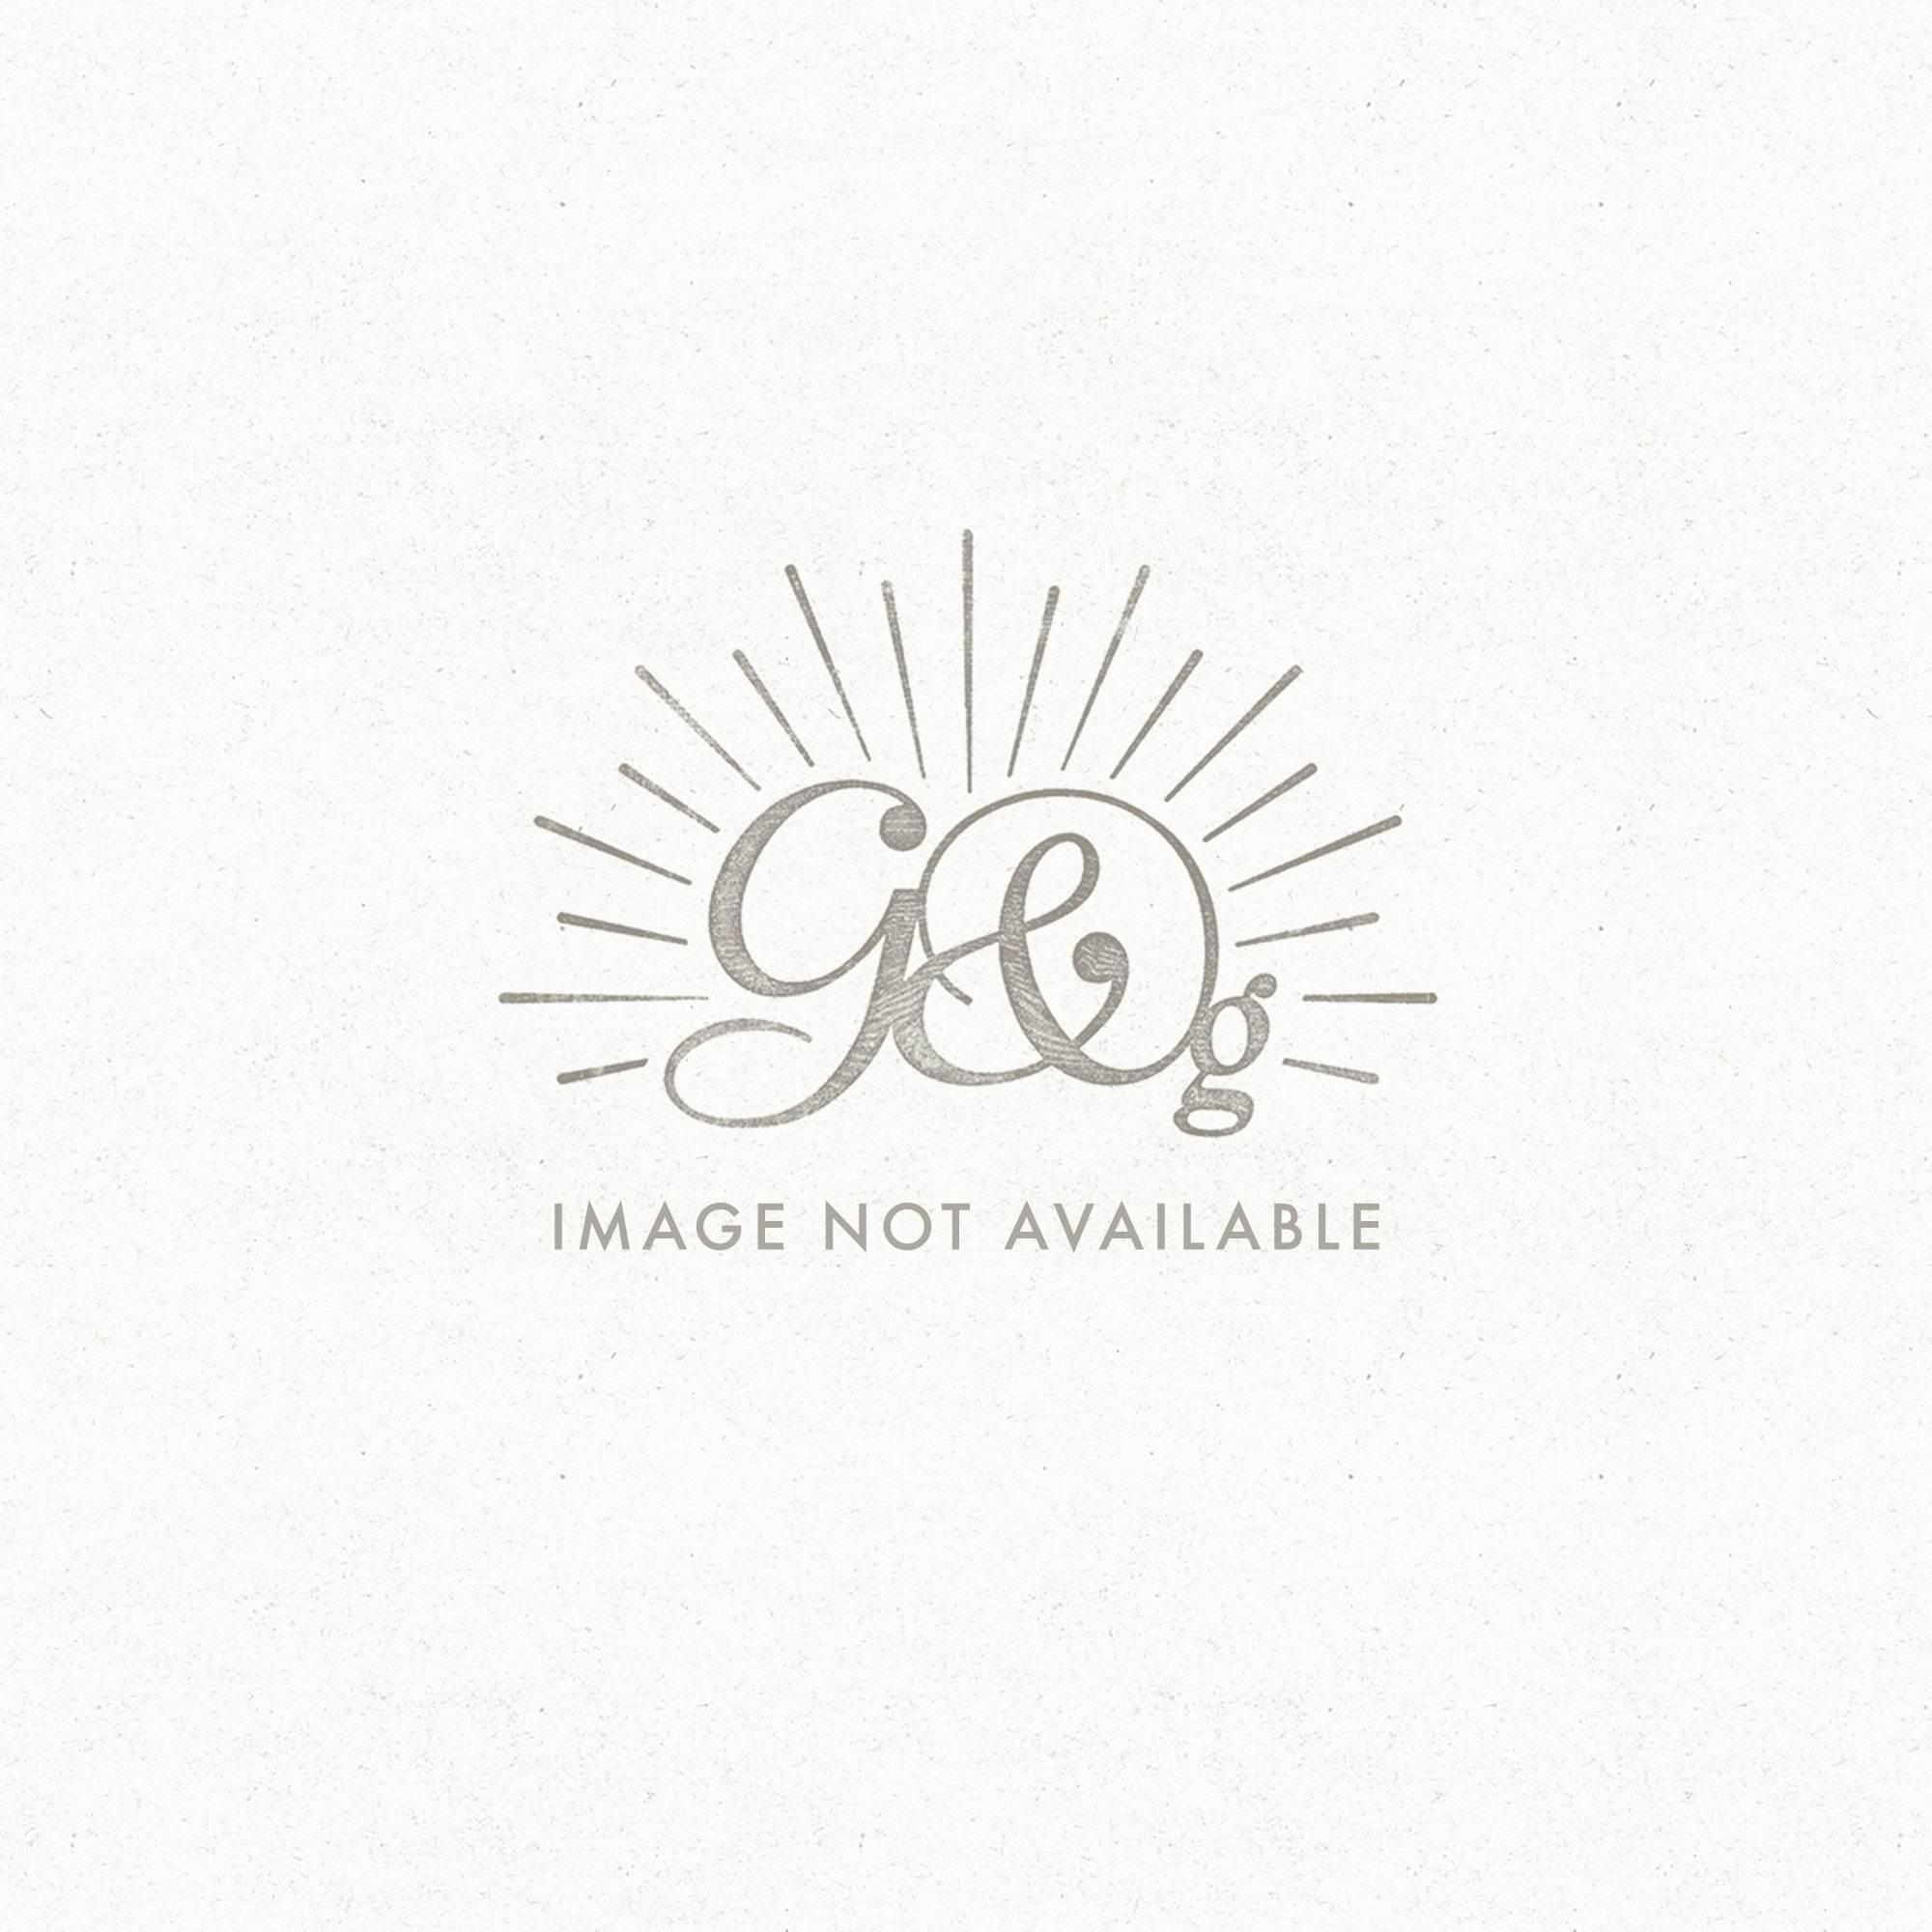 Rustic Woven Baskets - Thumbnail